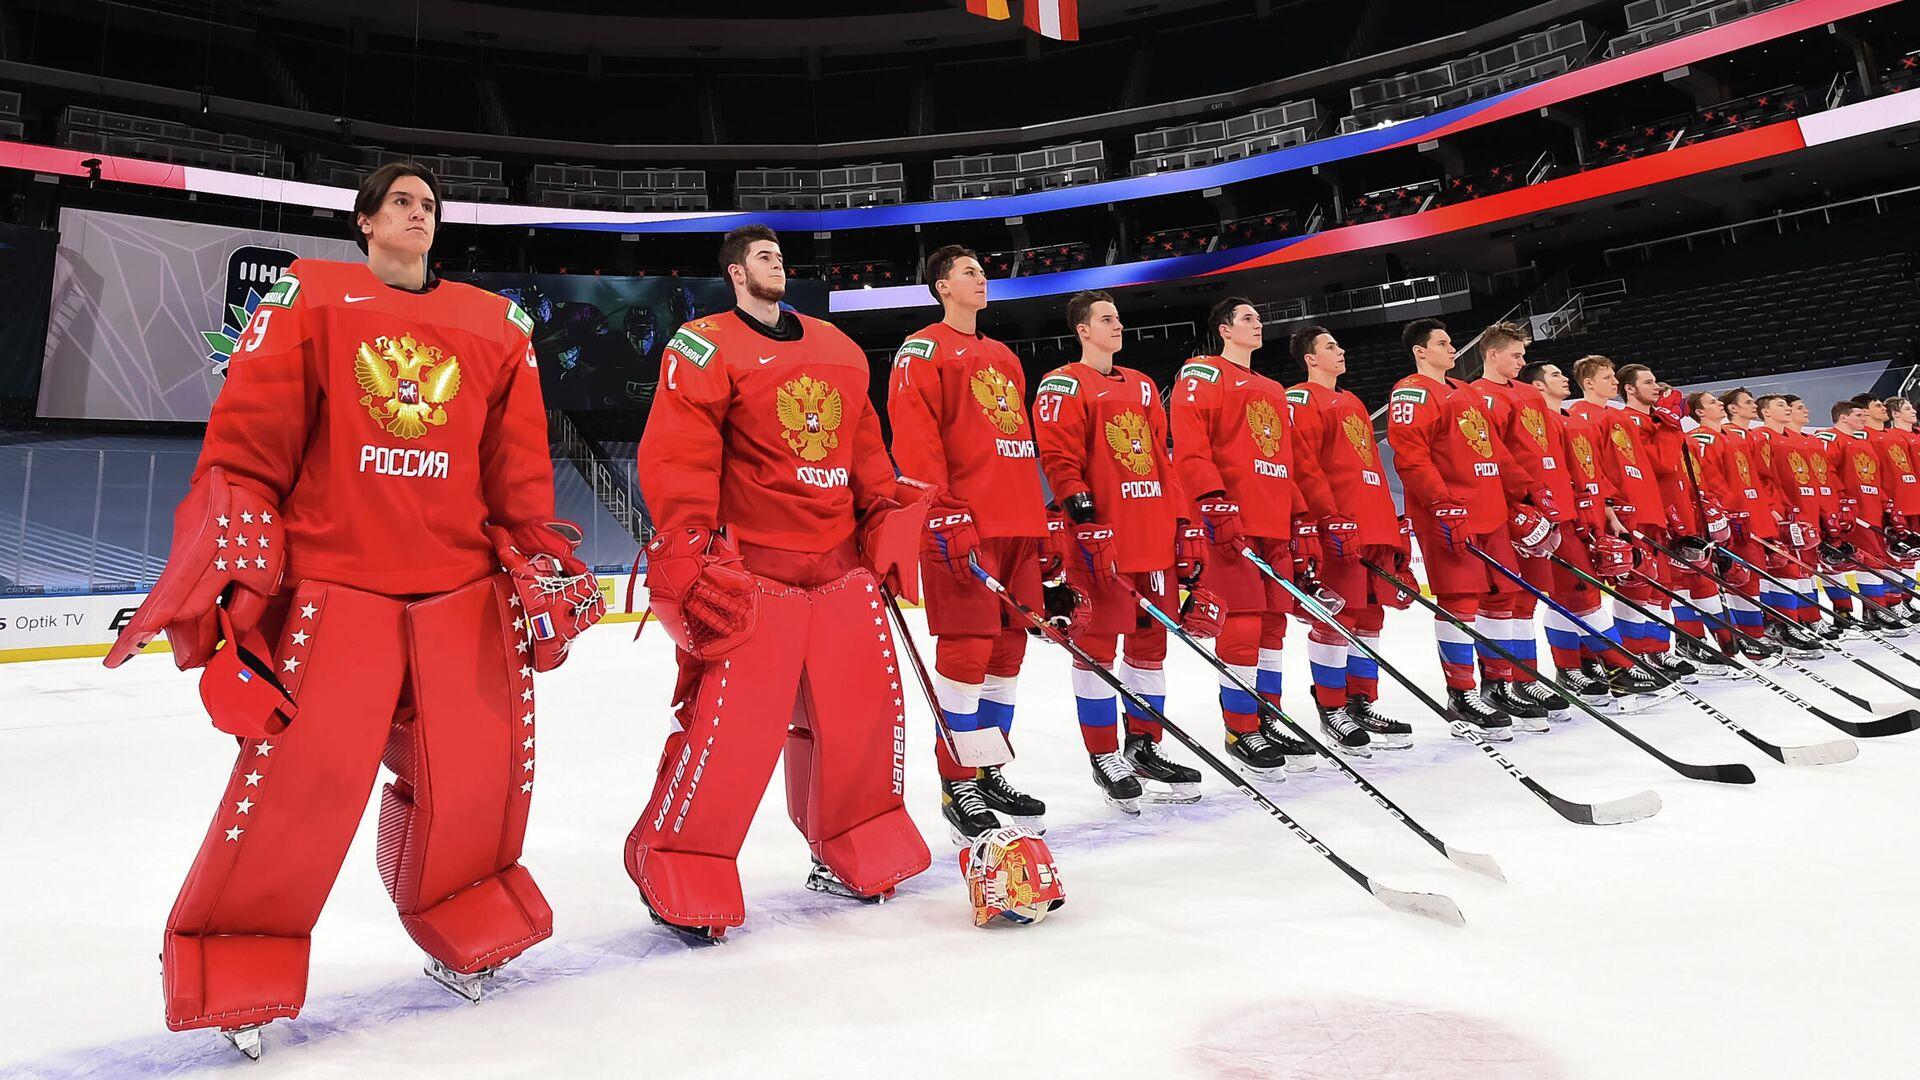 Молодежная сборная России по хоккею на чемпионате мира 2021 года в Эдмонтоне - РИА Новости, 1920, 07.01.2021